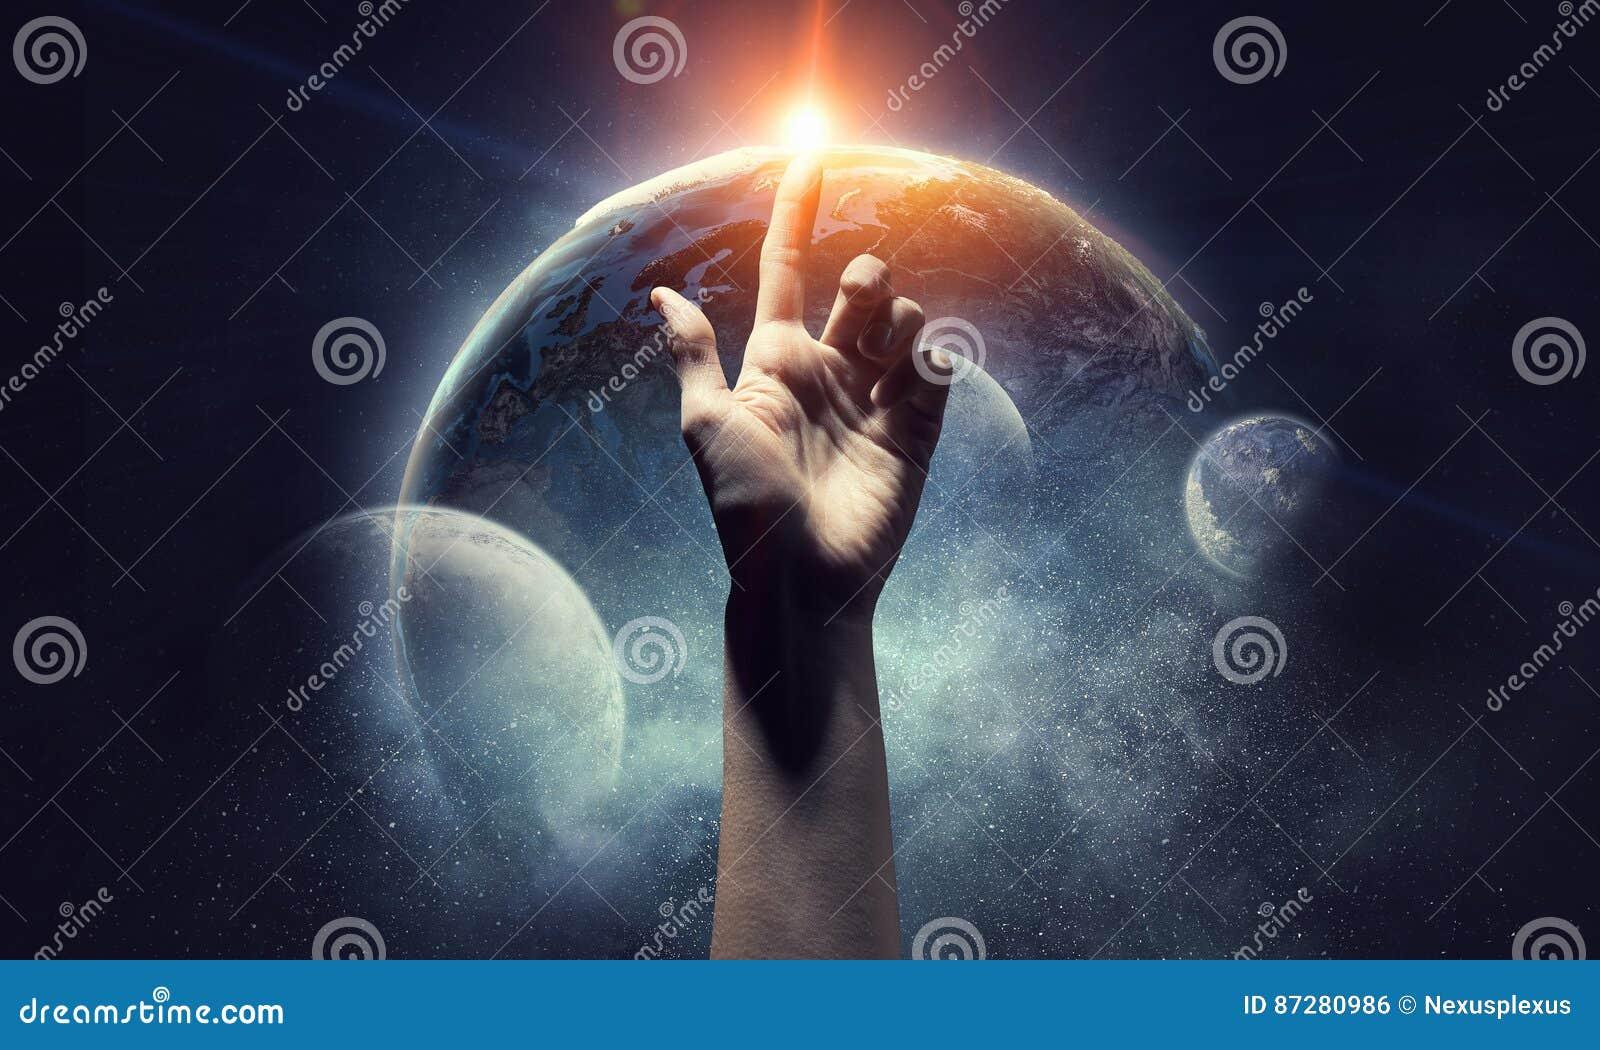 Stocks Download Shivam Creation: Idea Of Earth Creation . Mixed Media Stock Photo